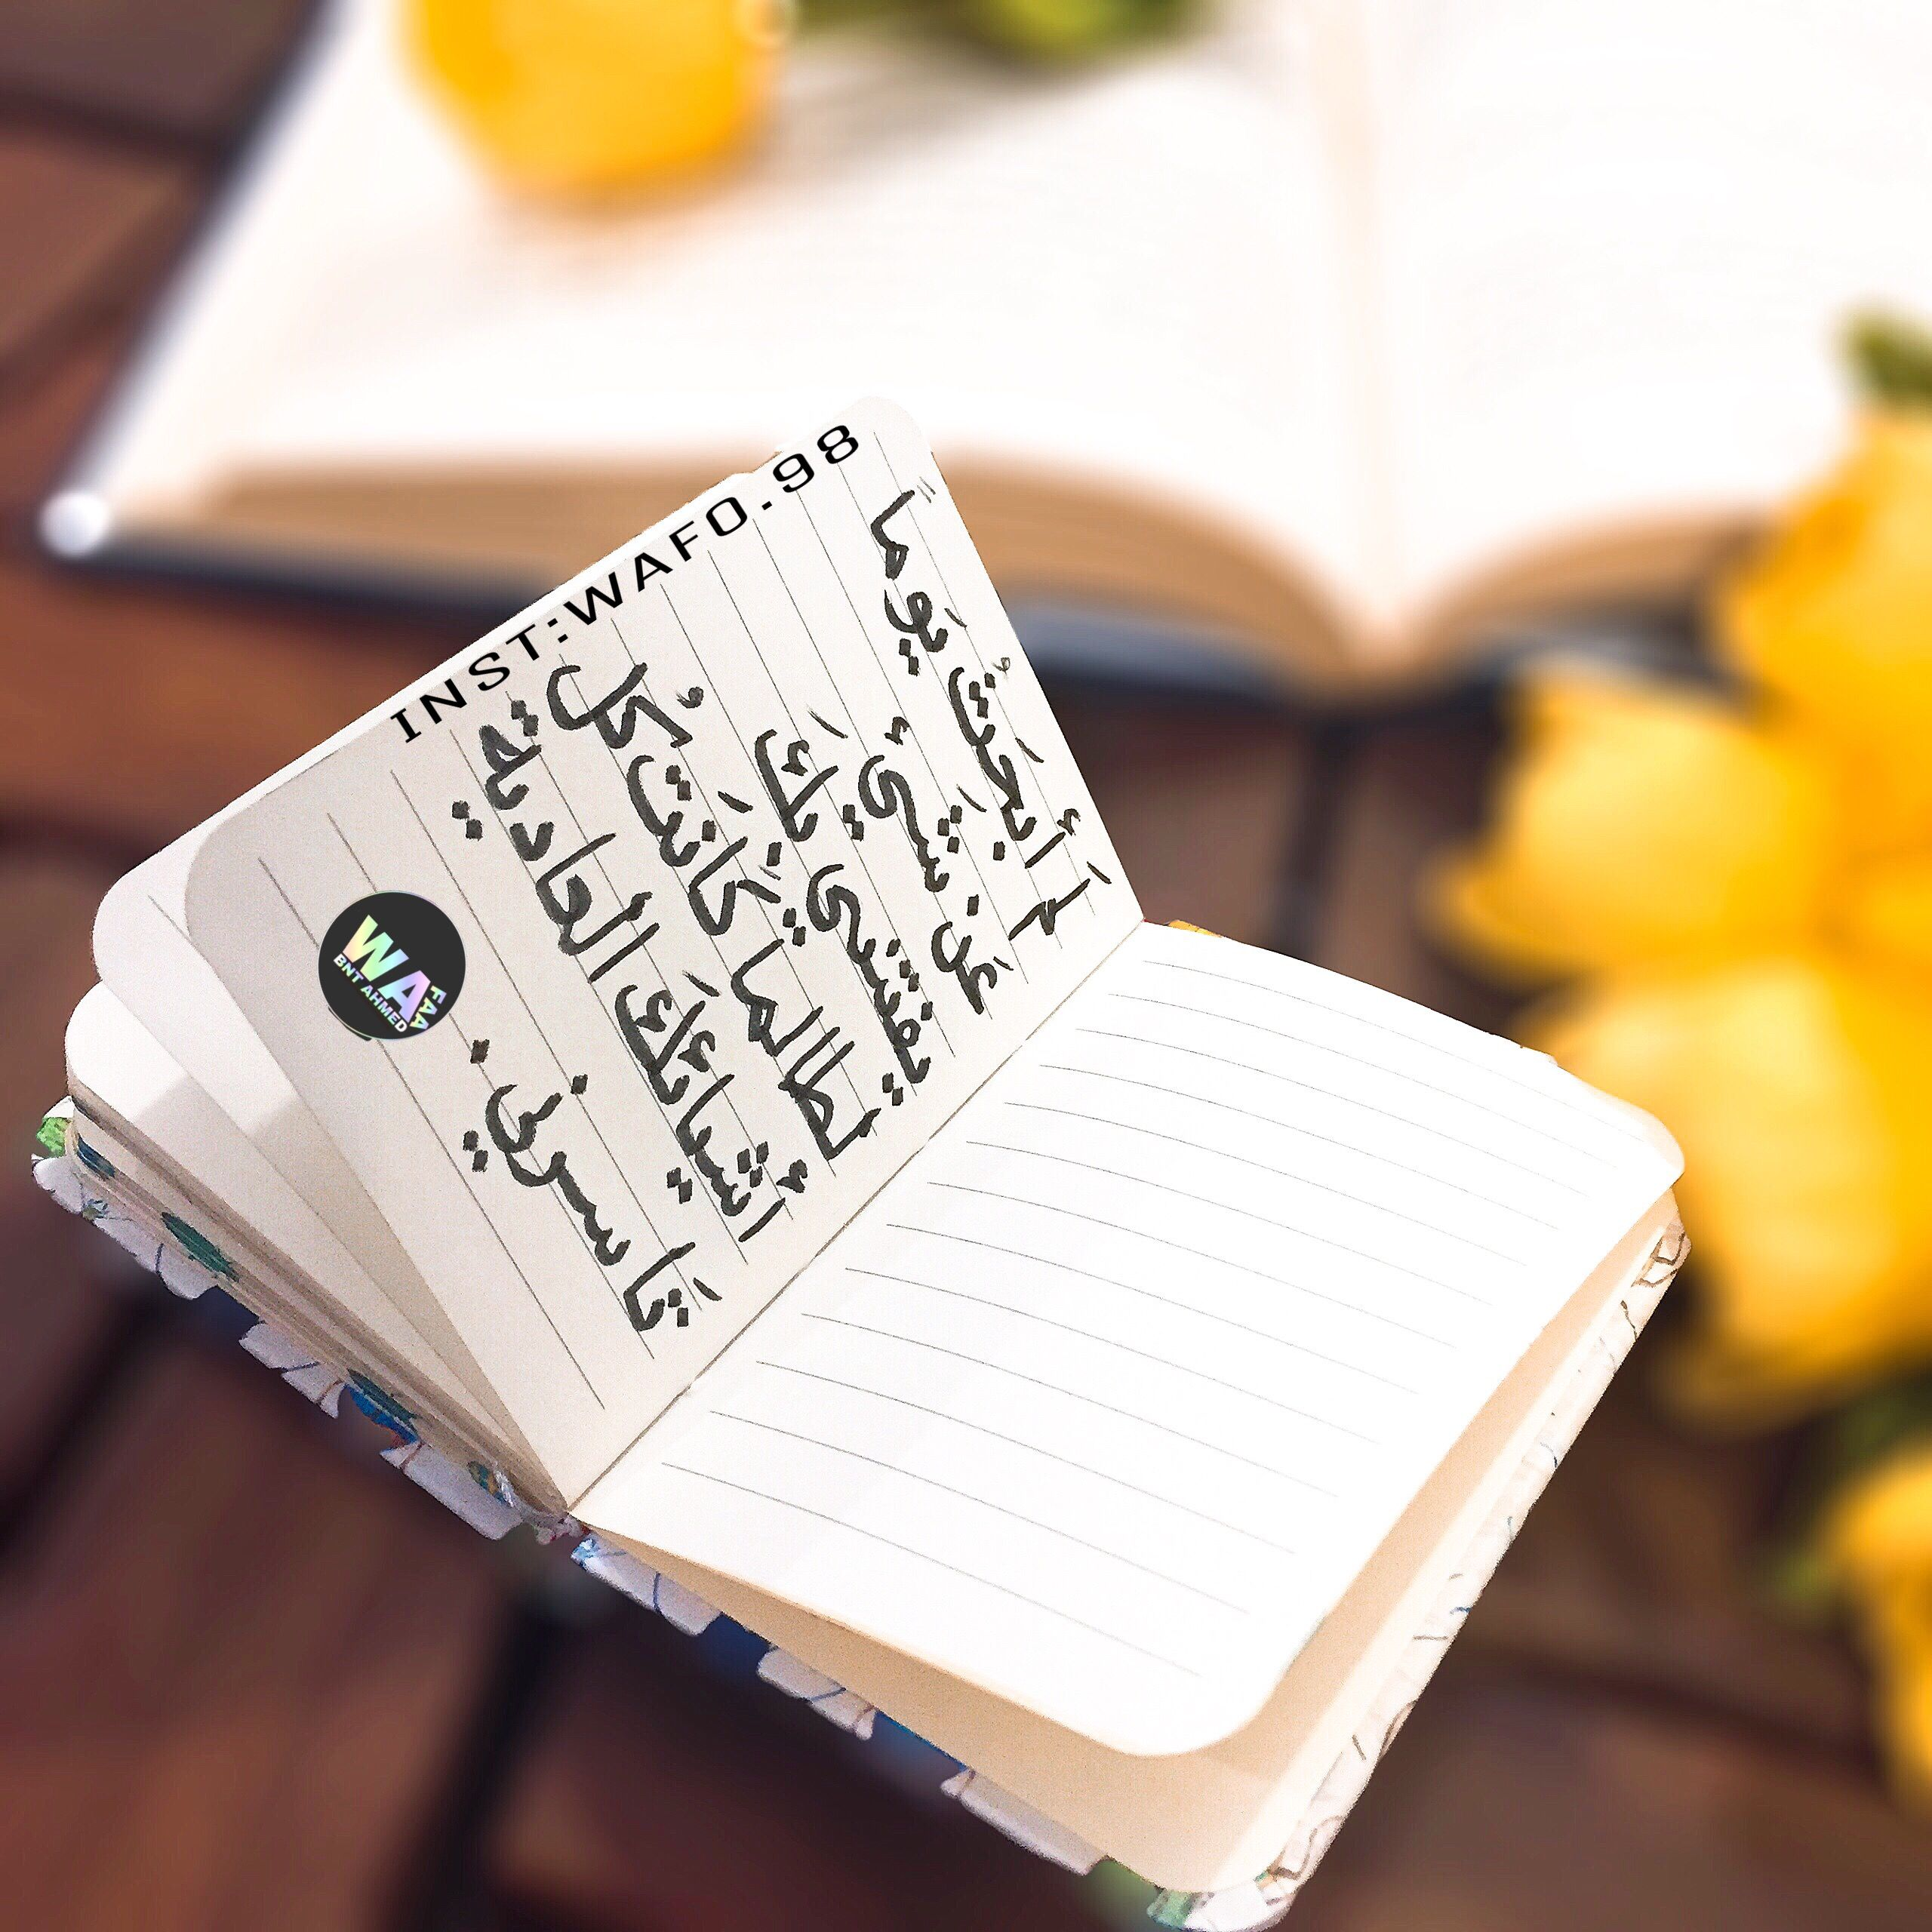 خط خط عربي خطوط اقتباسات أدب أدبيات بقلمي خربشات فن خطاط رسامين رسم مما راق لي كلام رسمتي أدب خطاط خط الرقعة عبارات أدب Light Box Light Box